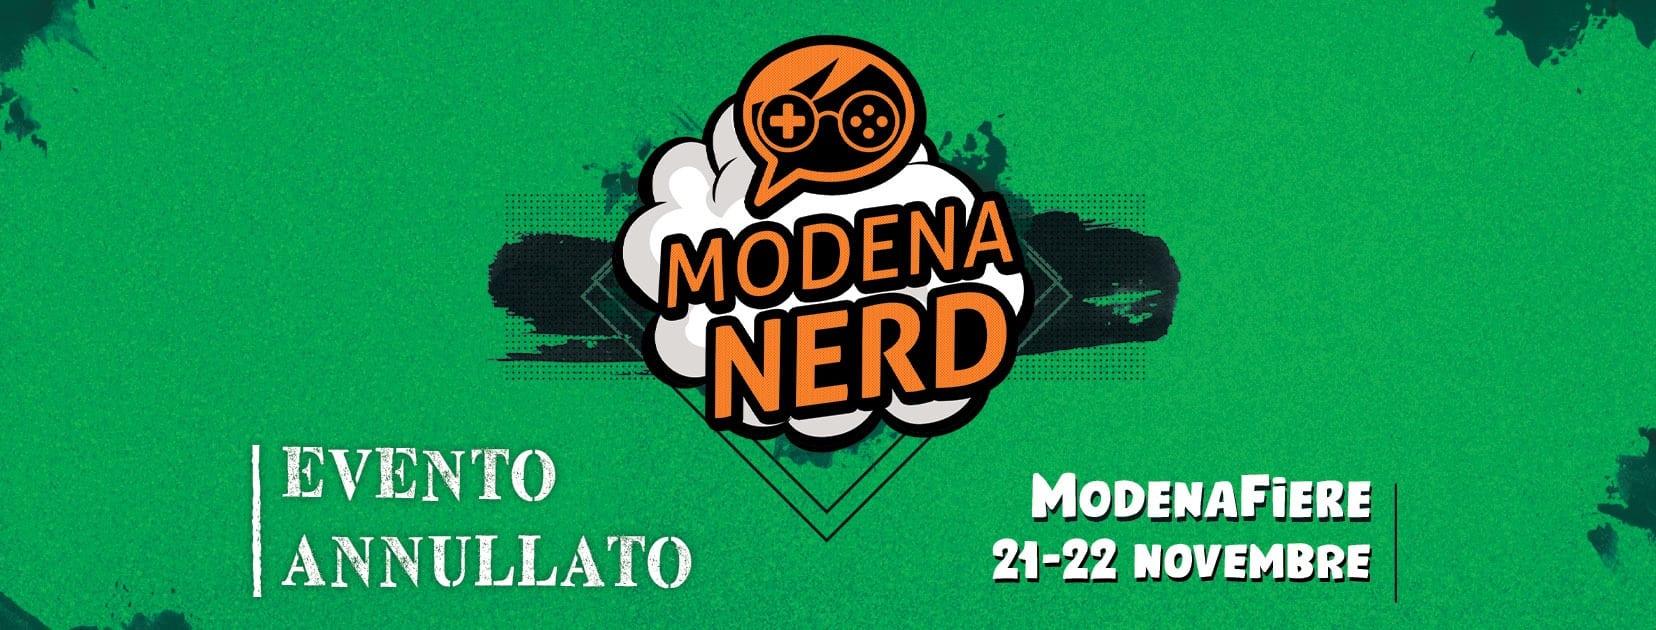 Modena Nerd: l'edizione 2020 è annullata e rimandata al prossimo anno